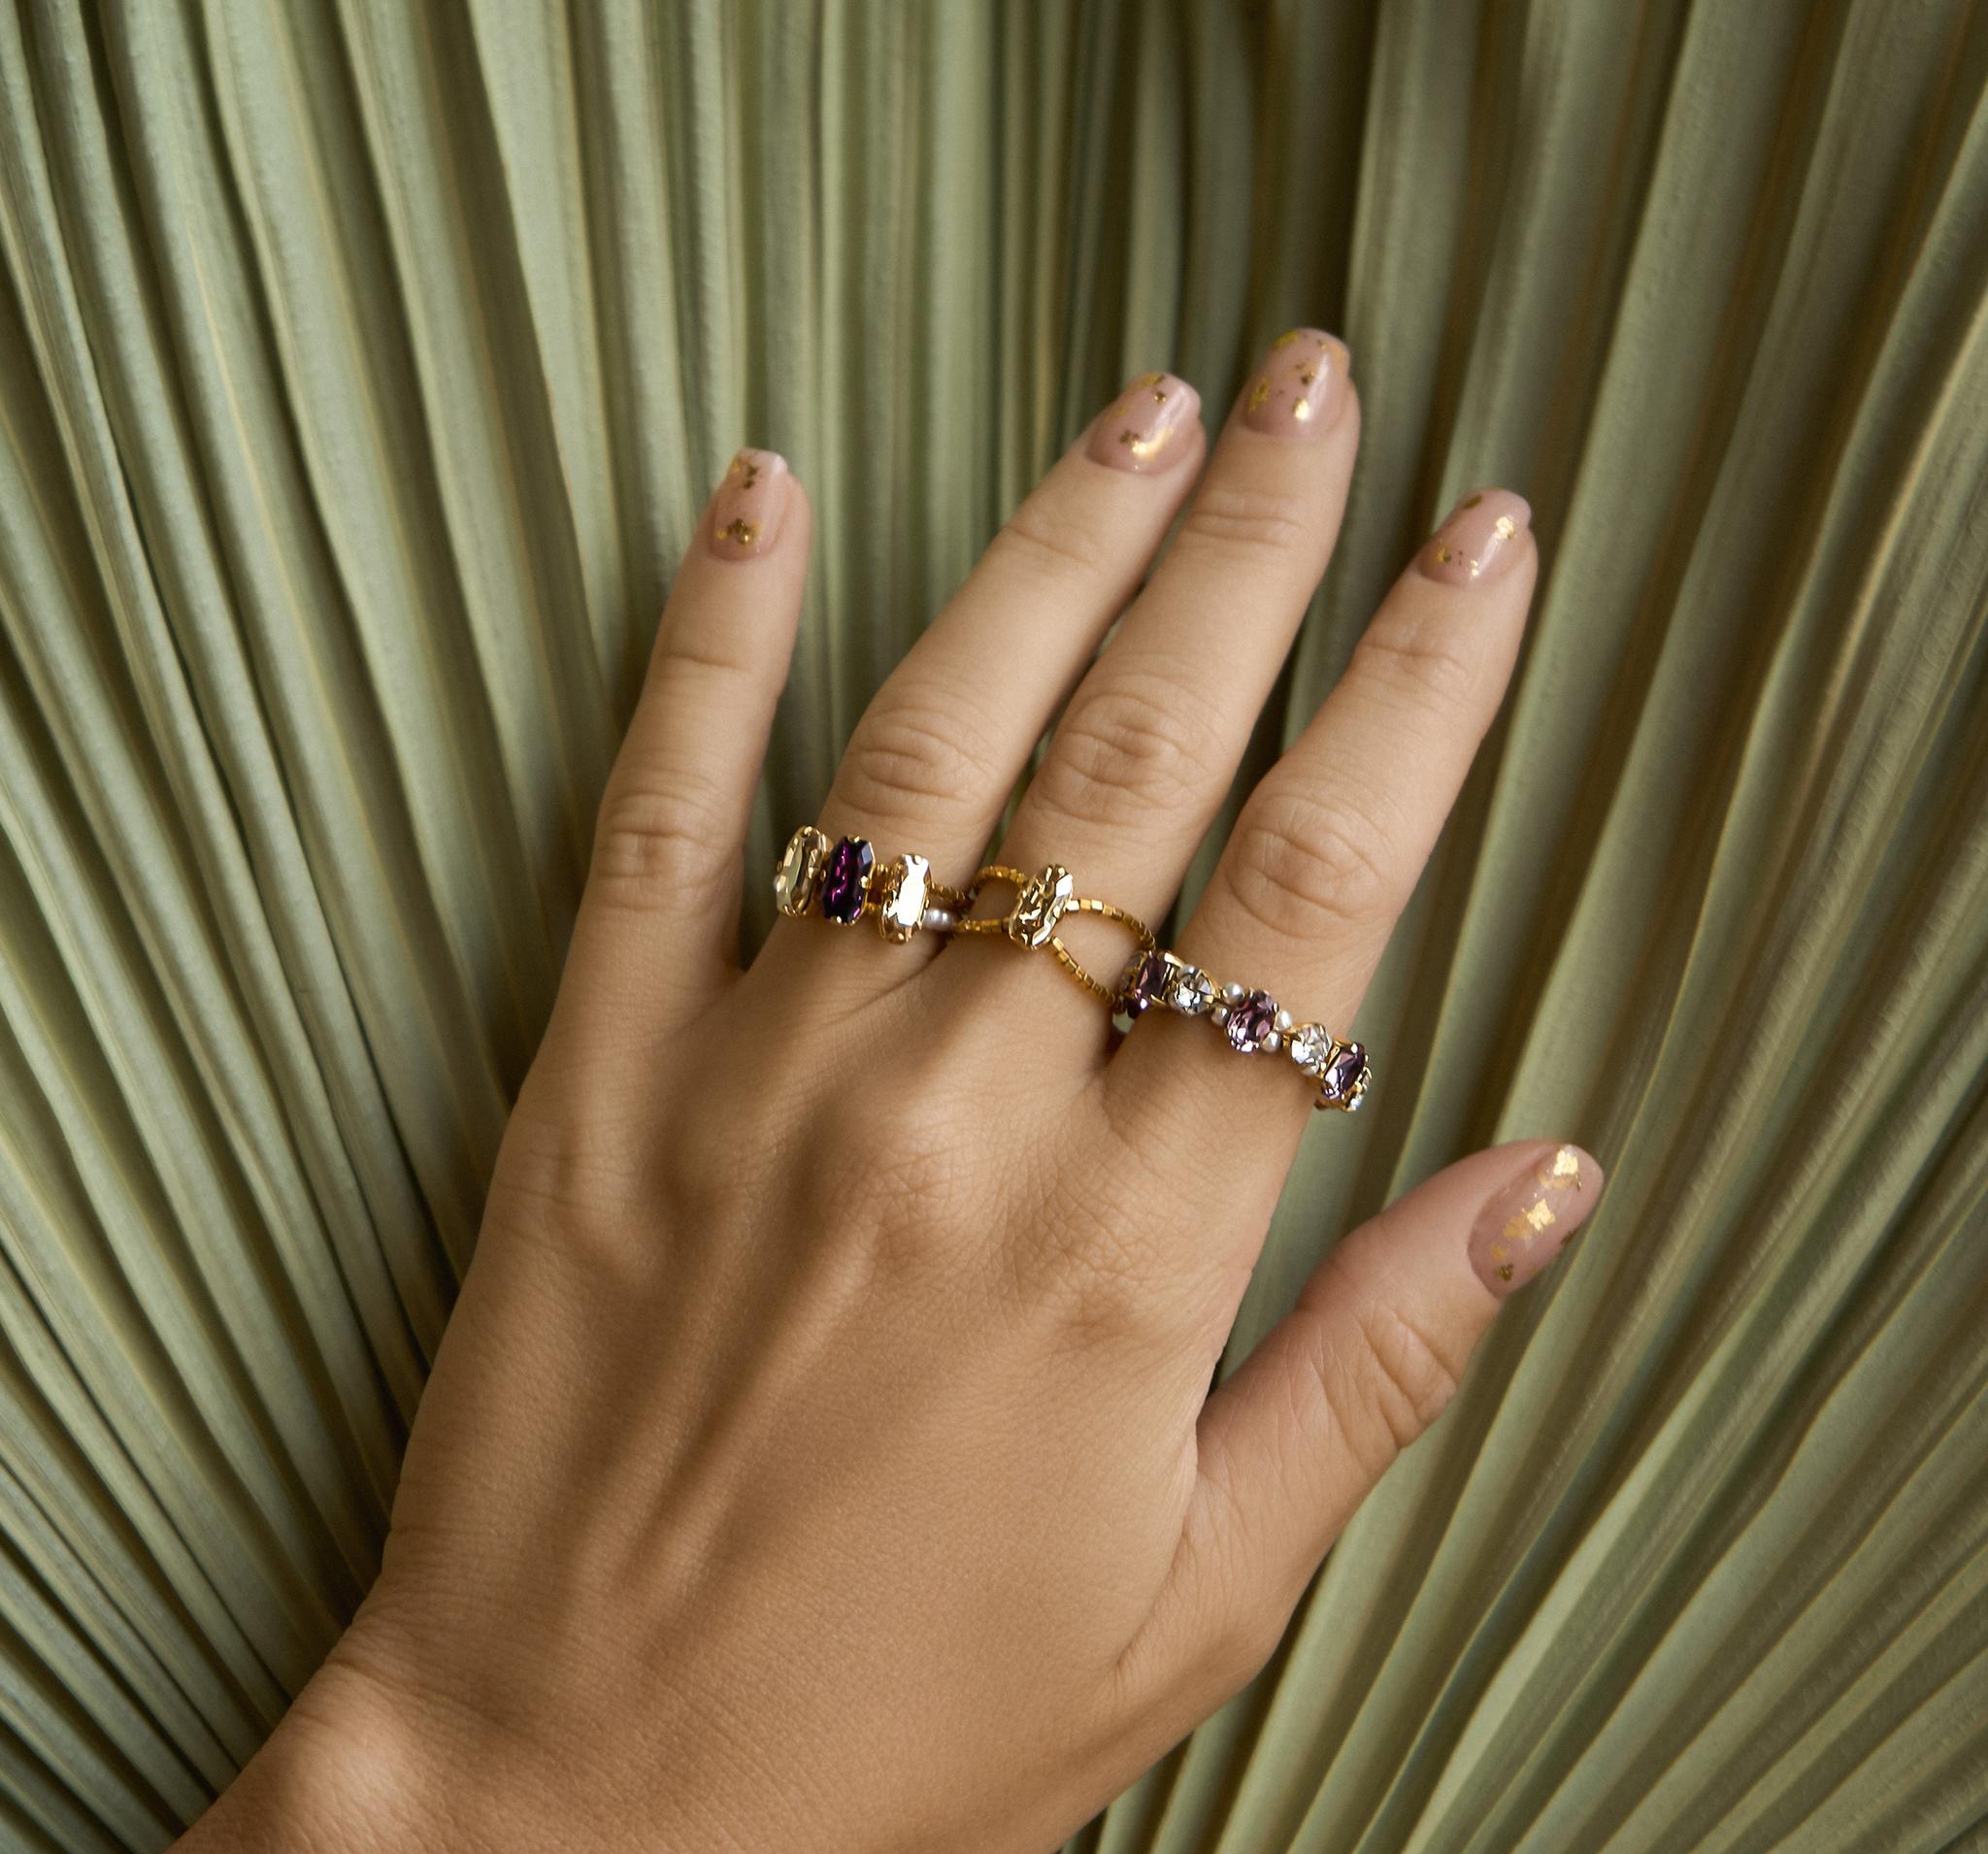 Блистательное кольцо из позолоченного бисера с кристаллами и жемчугом.